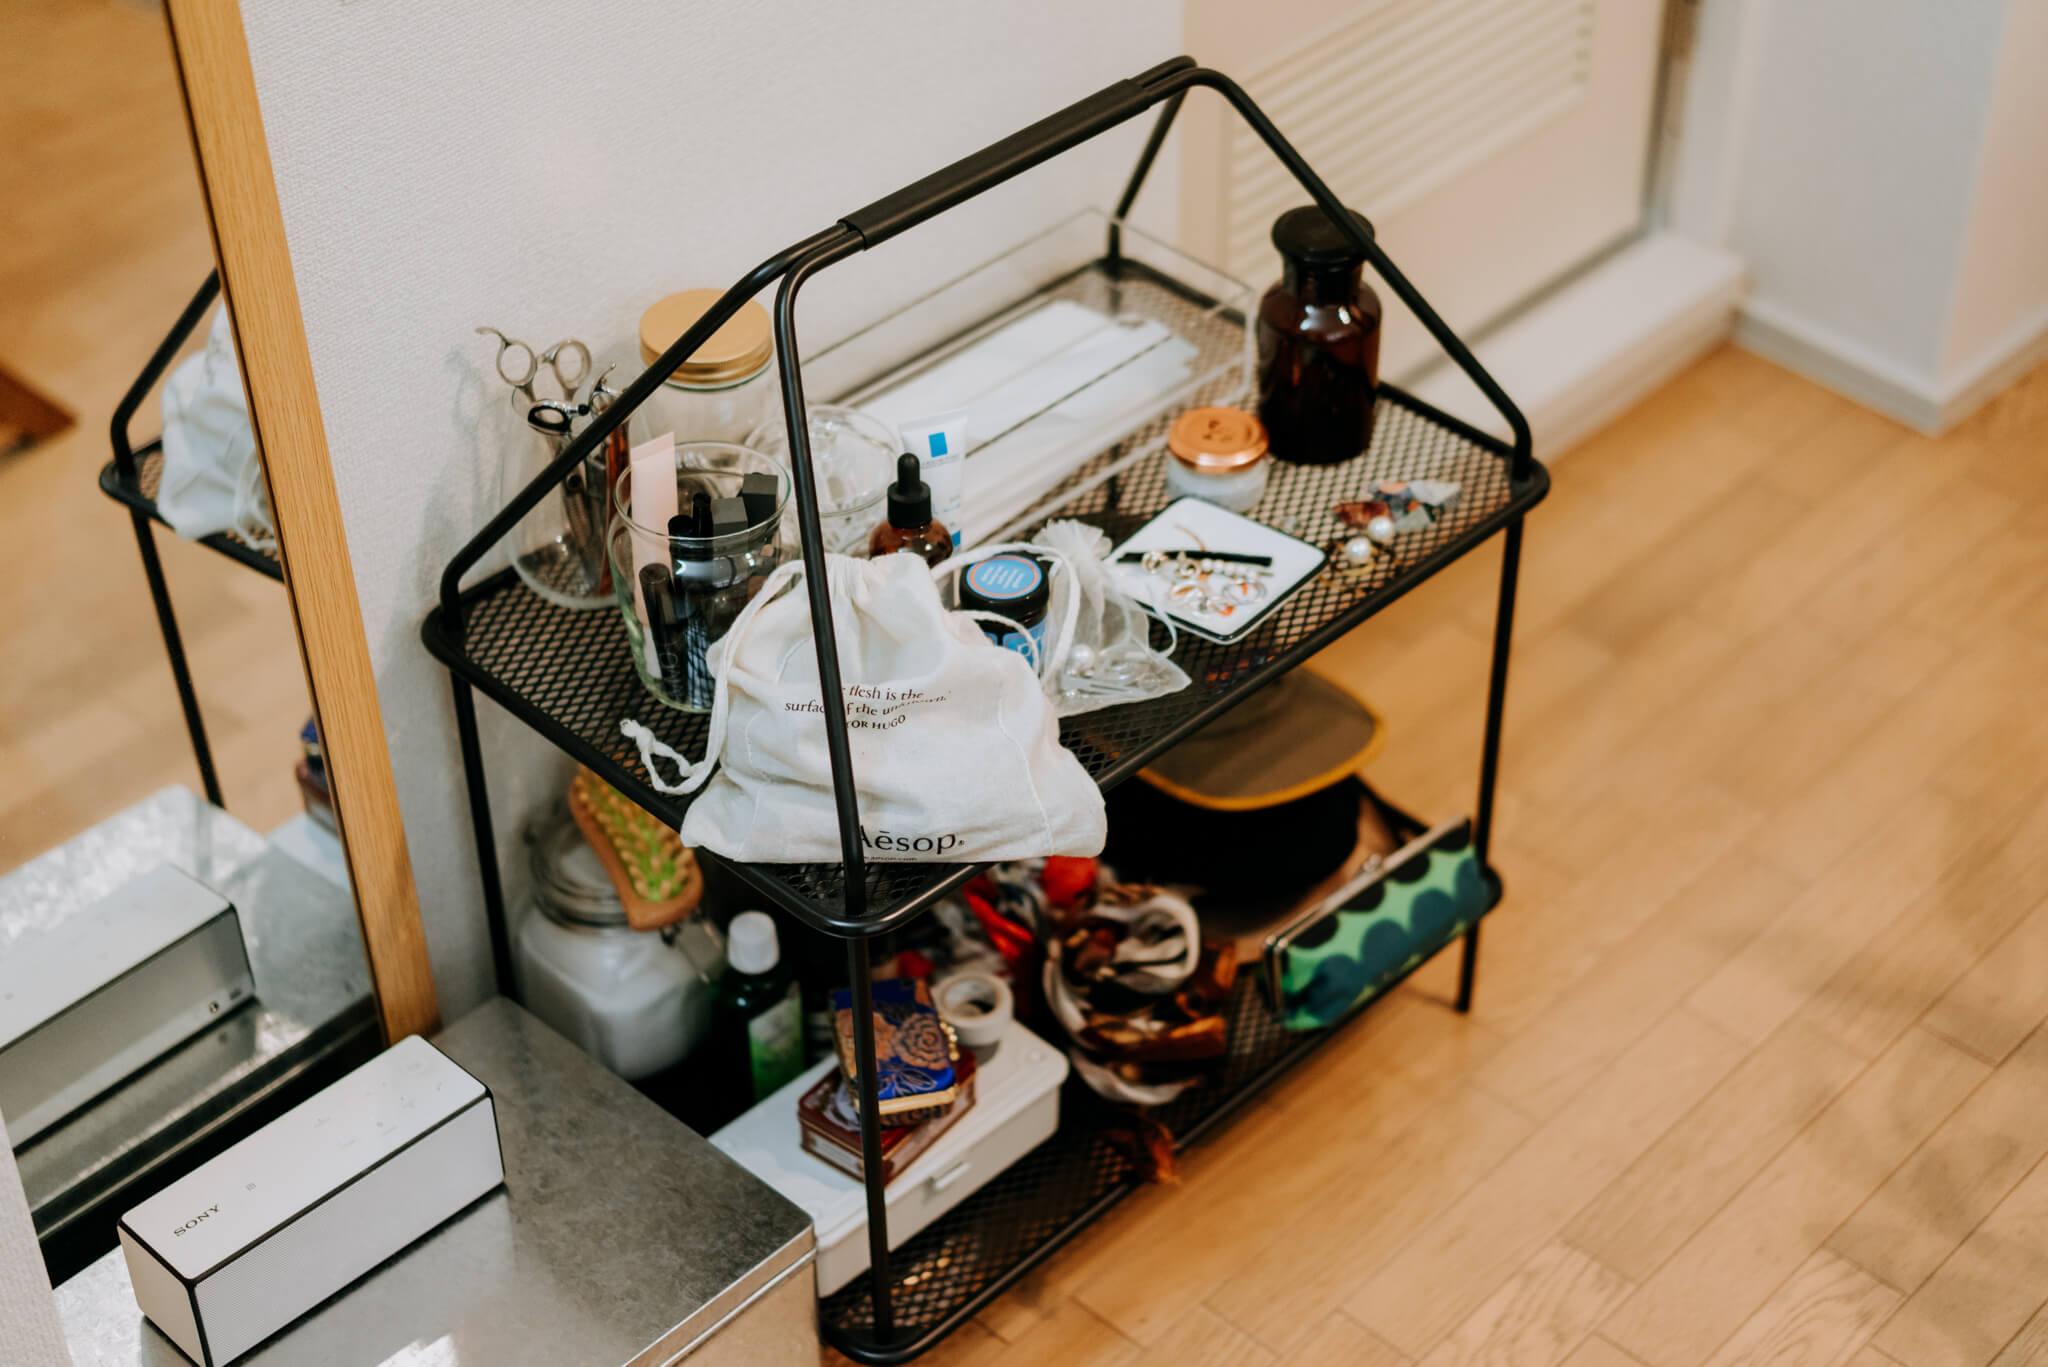 IKEAとHAYのコラボレーション、YPPERLIG(イッペルリグ)シリーズのマガジンラック。細々としたものを収納する棚にぴったり。(このお部屋はこちら)